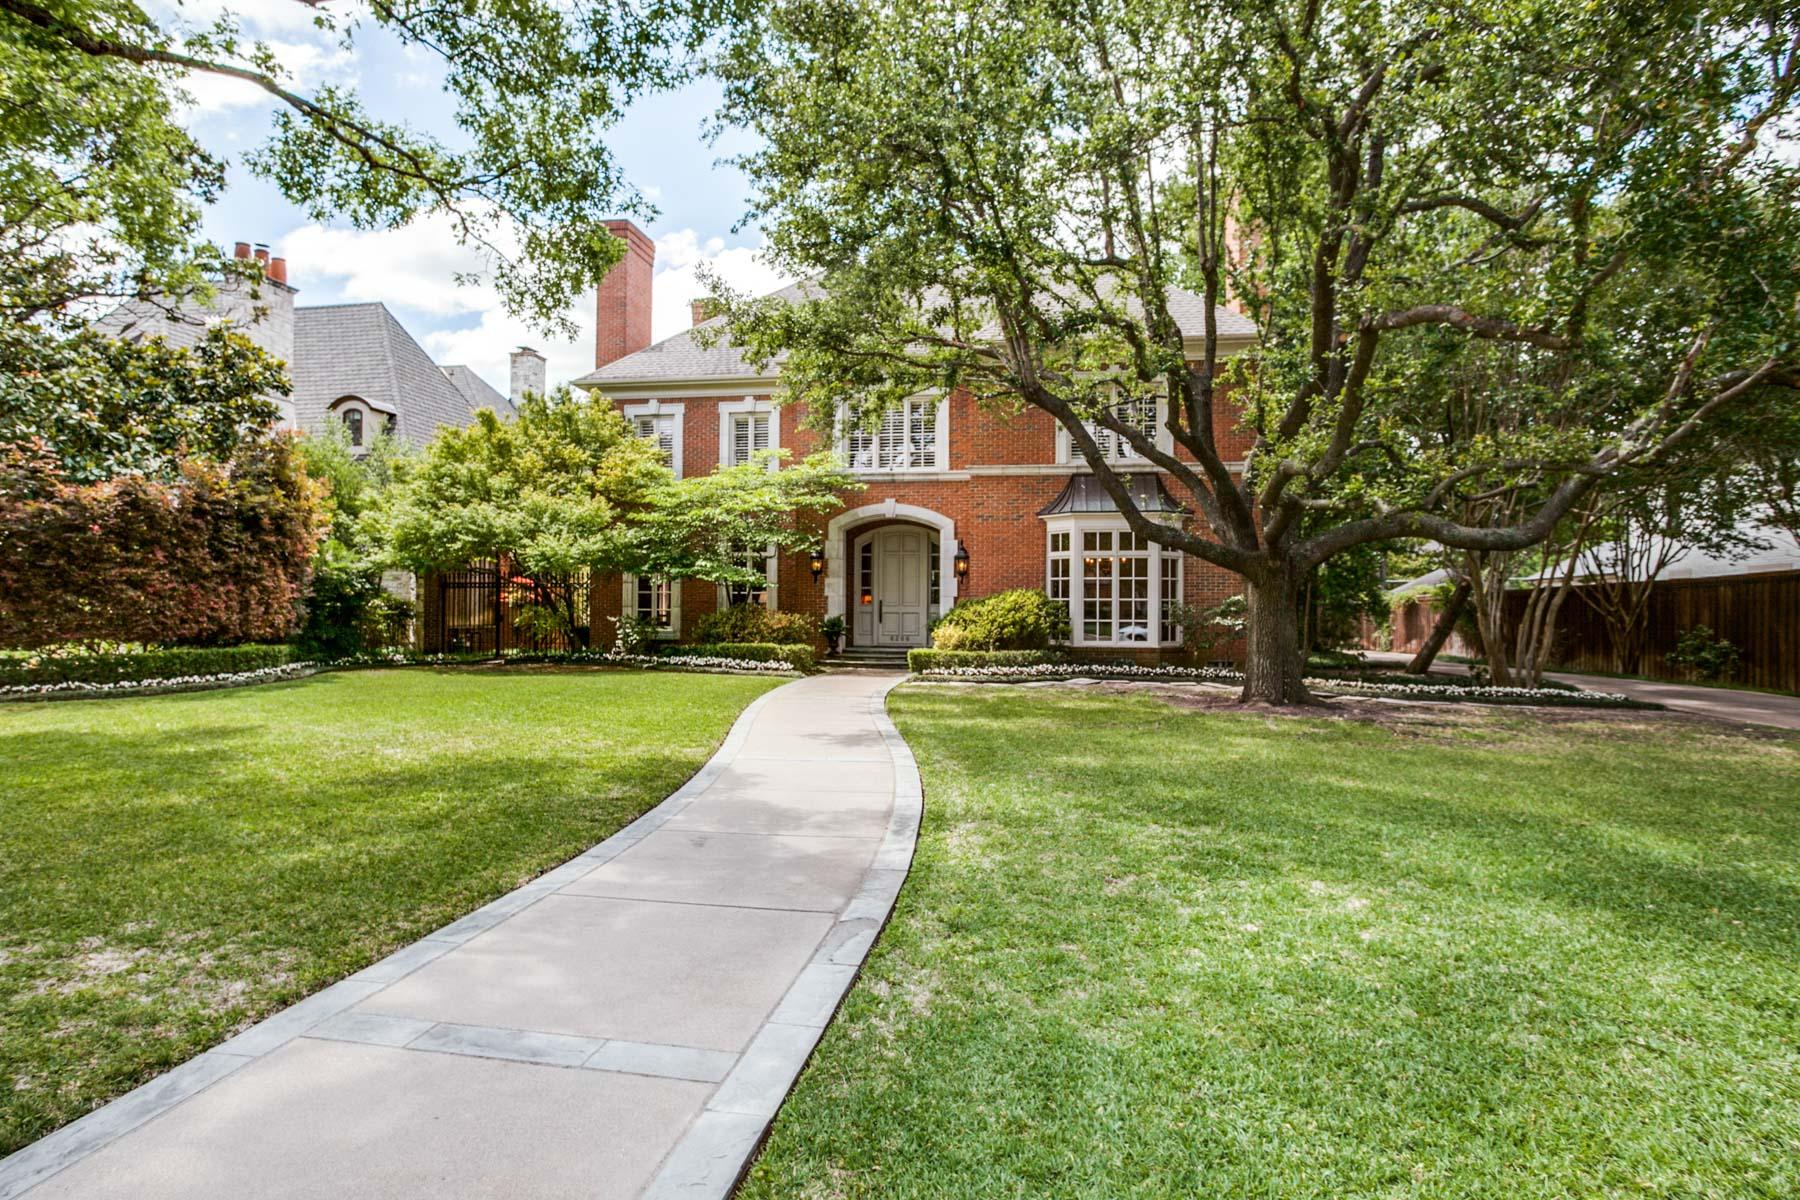 独户住宅 为 销售 在 6206 Woodland Dr, Dallas 达拉斯, 得克萨斯州, 75225 美国